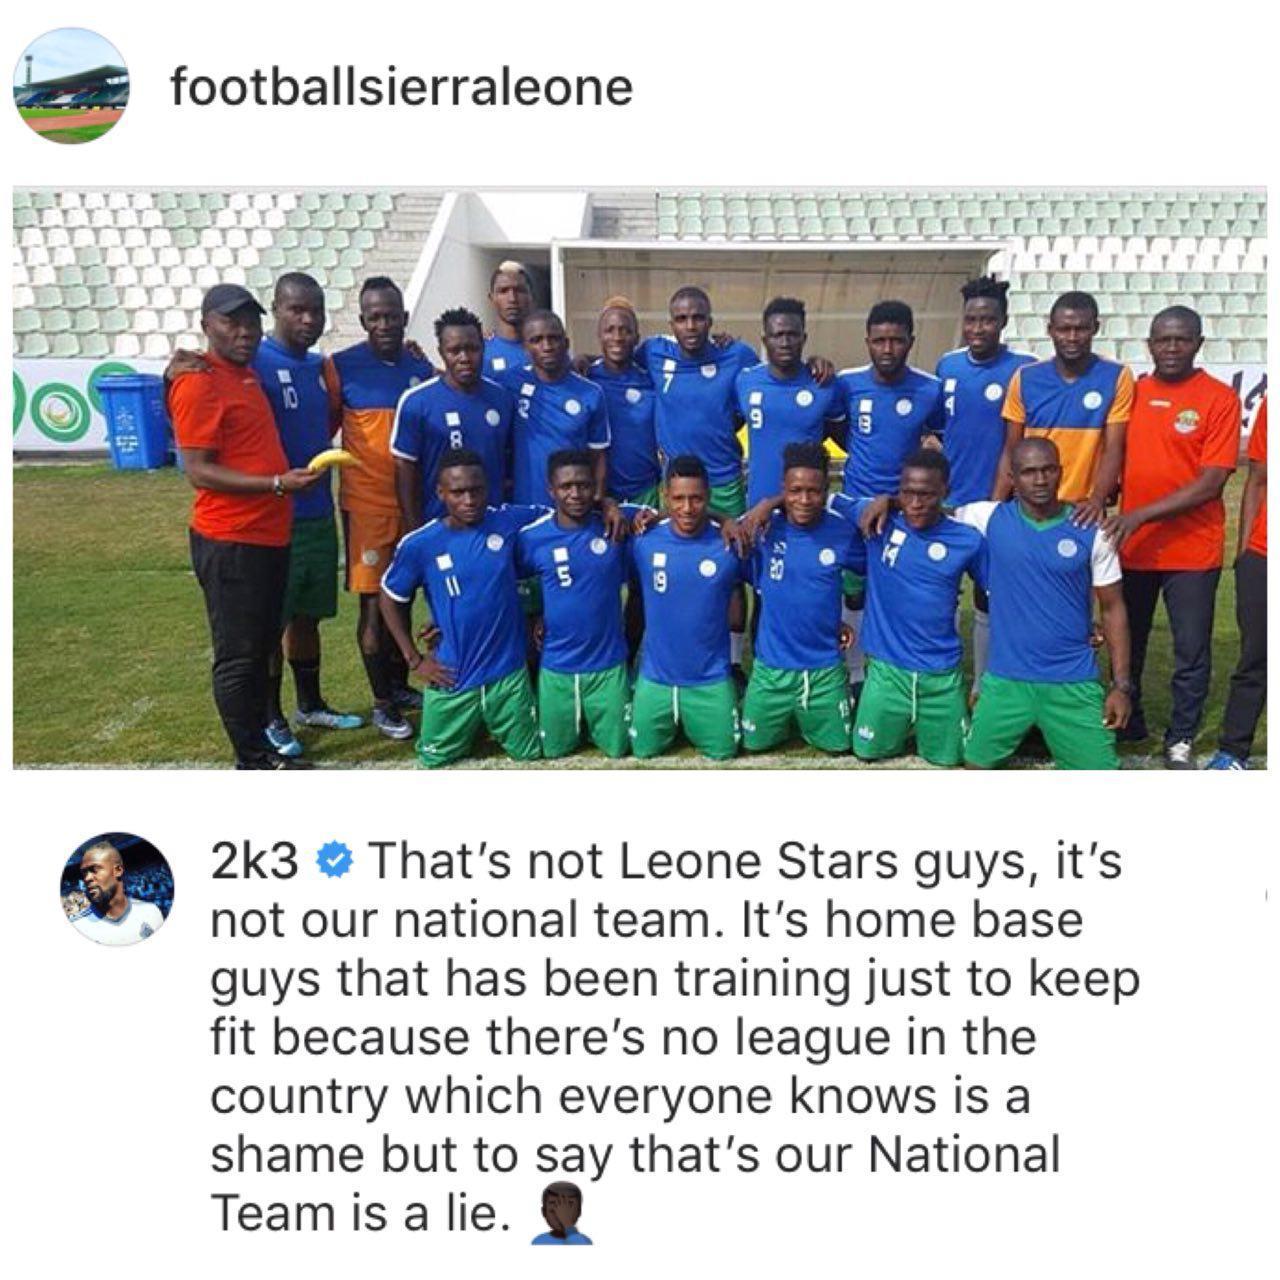 پیغام عجیب ستاره سیرالئون: این تیم ملی ما نیست!